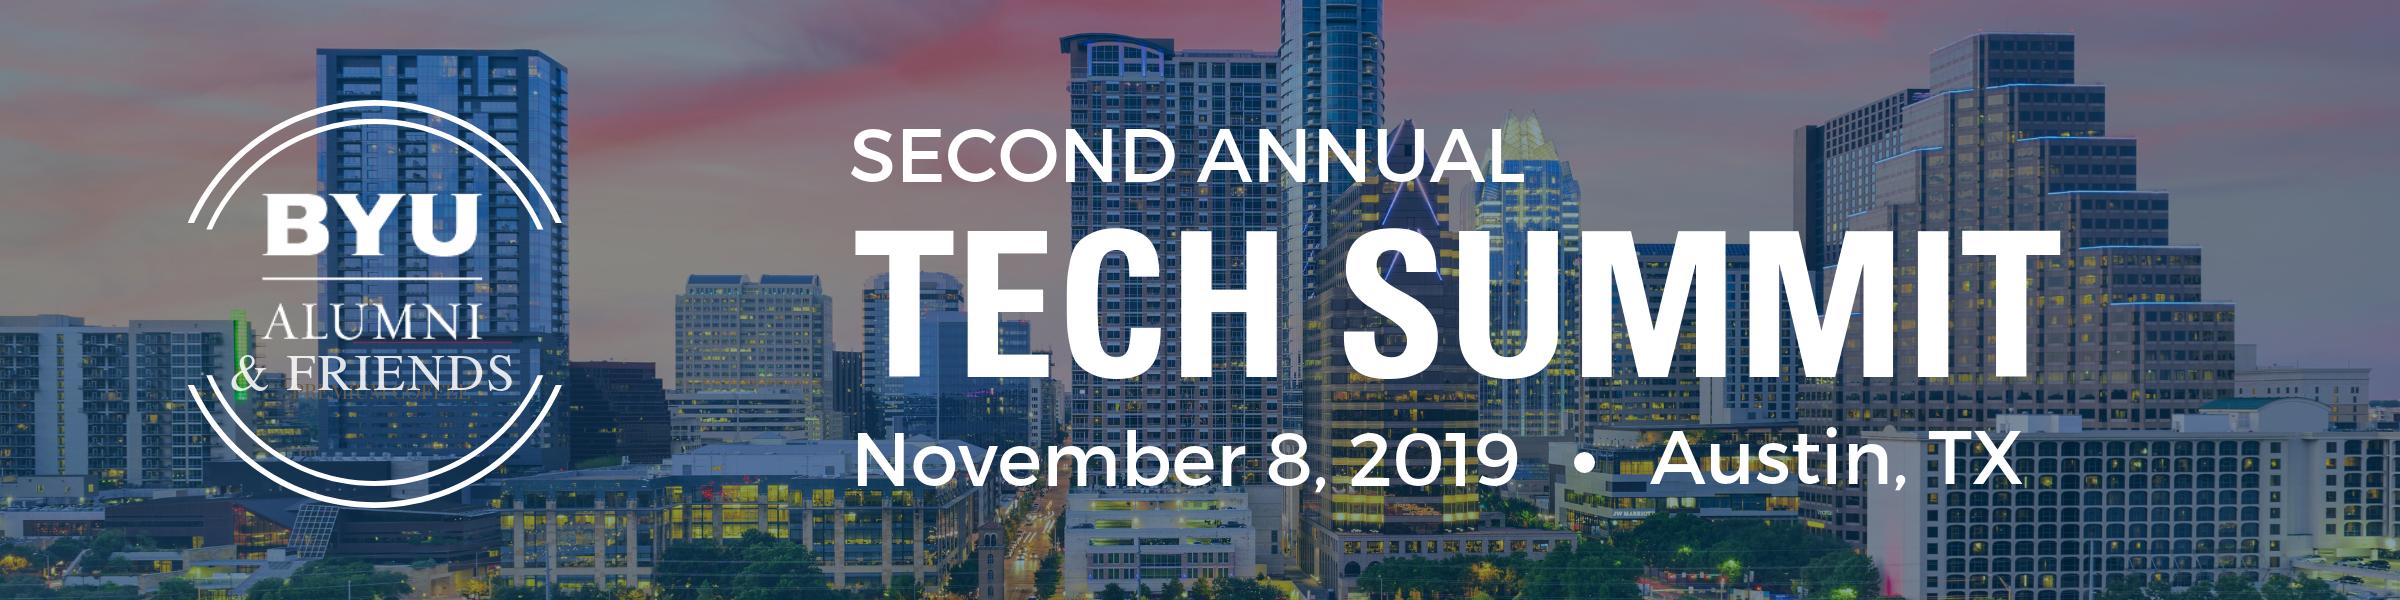 Austin Tech Summit 2019 V3.png